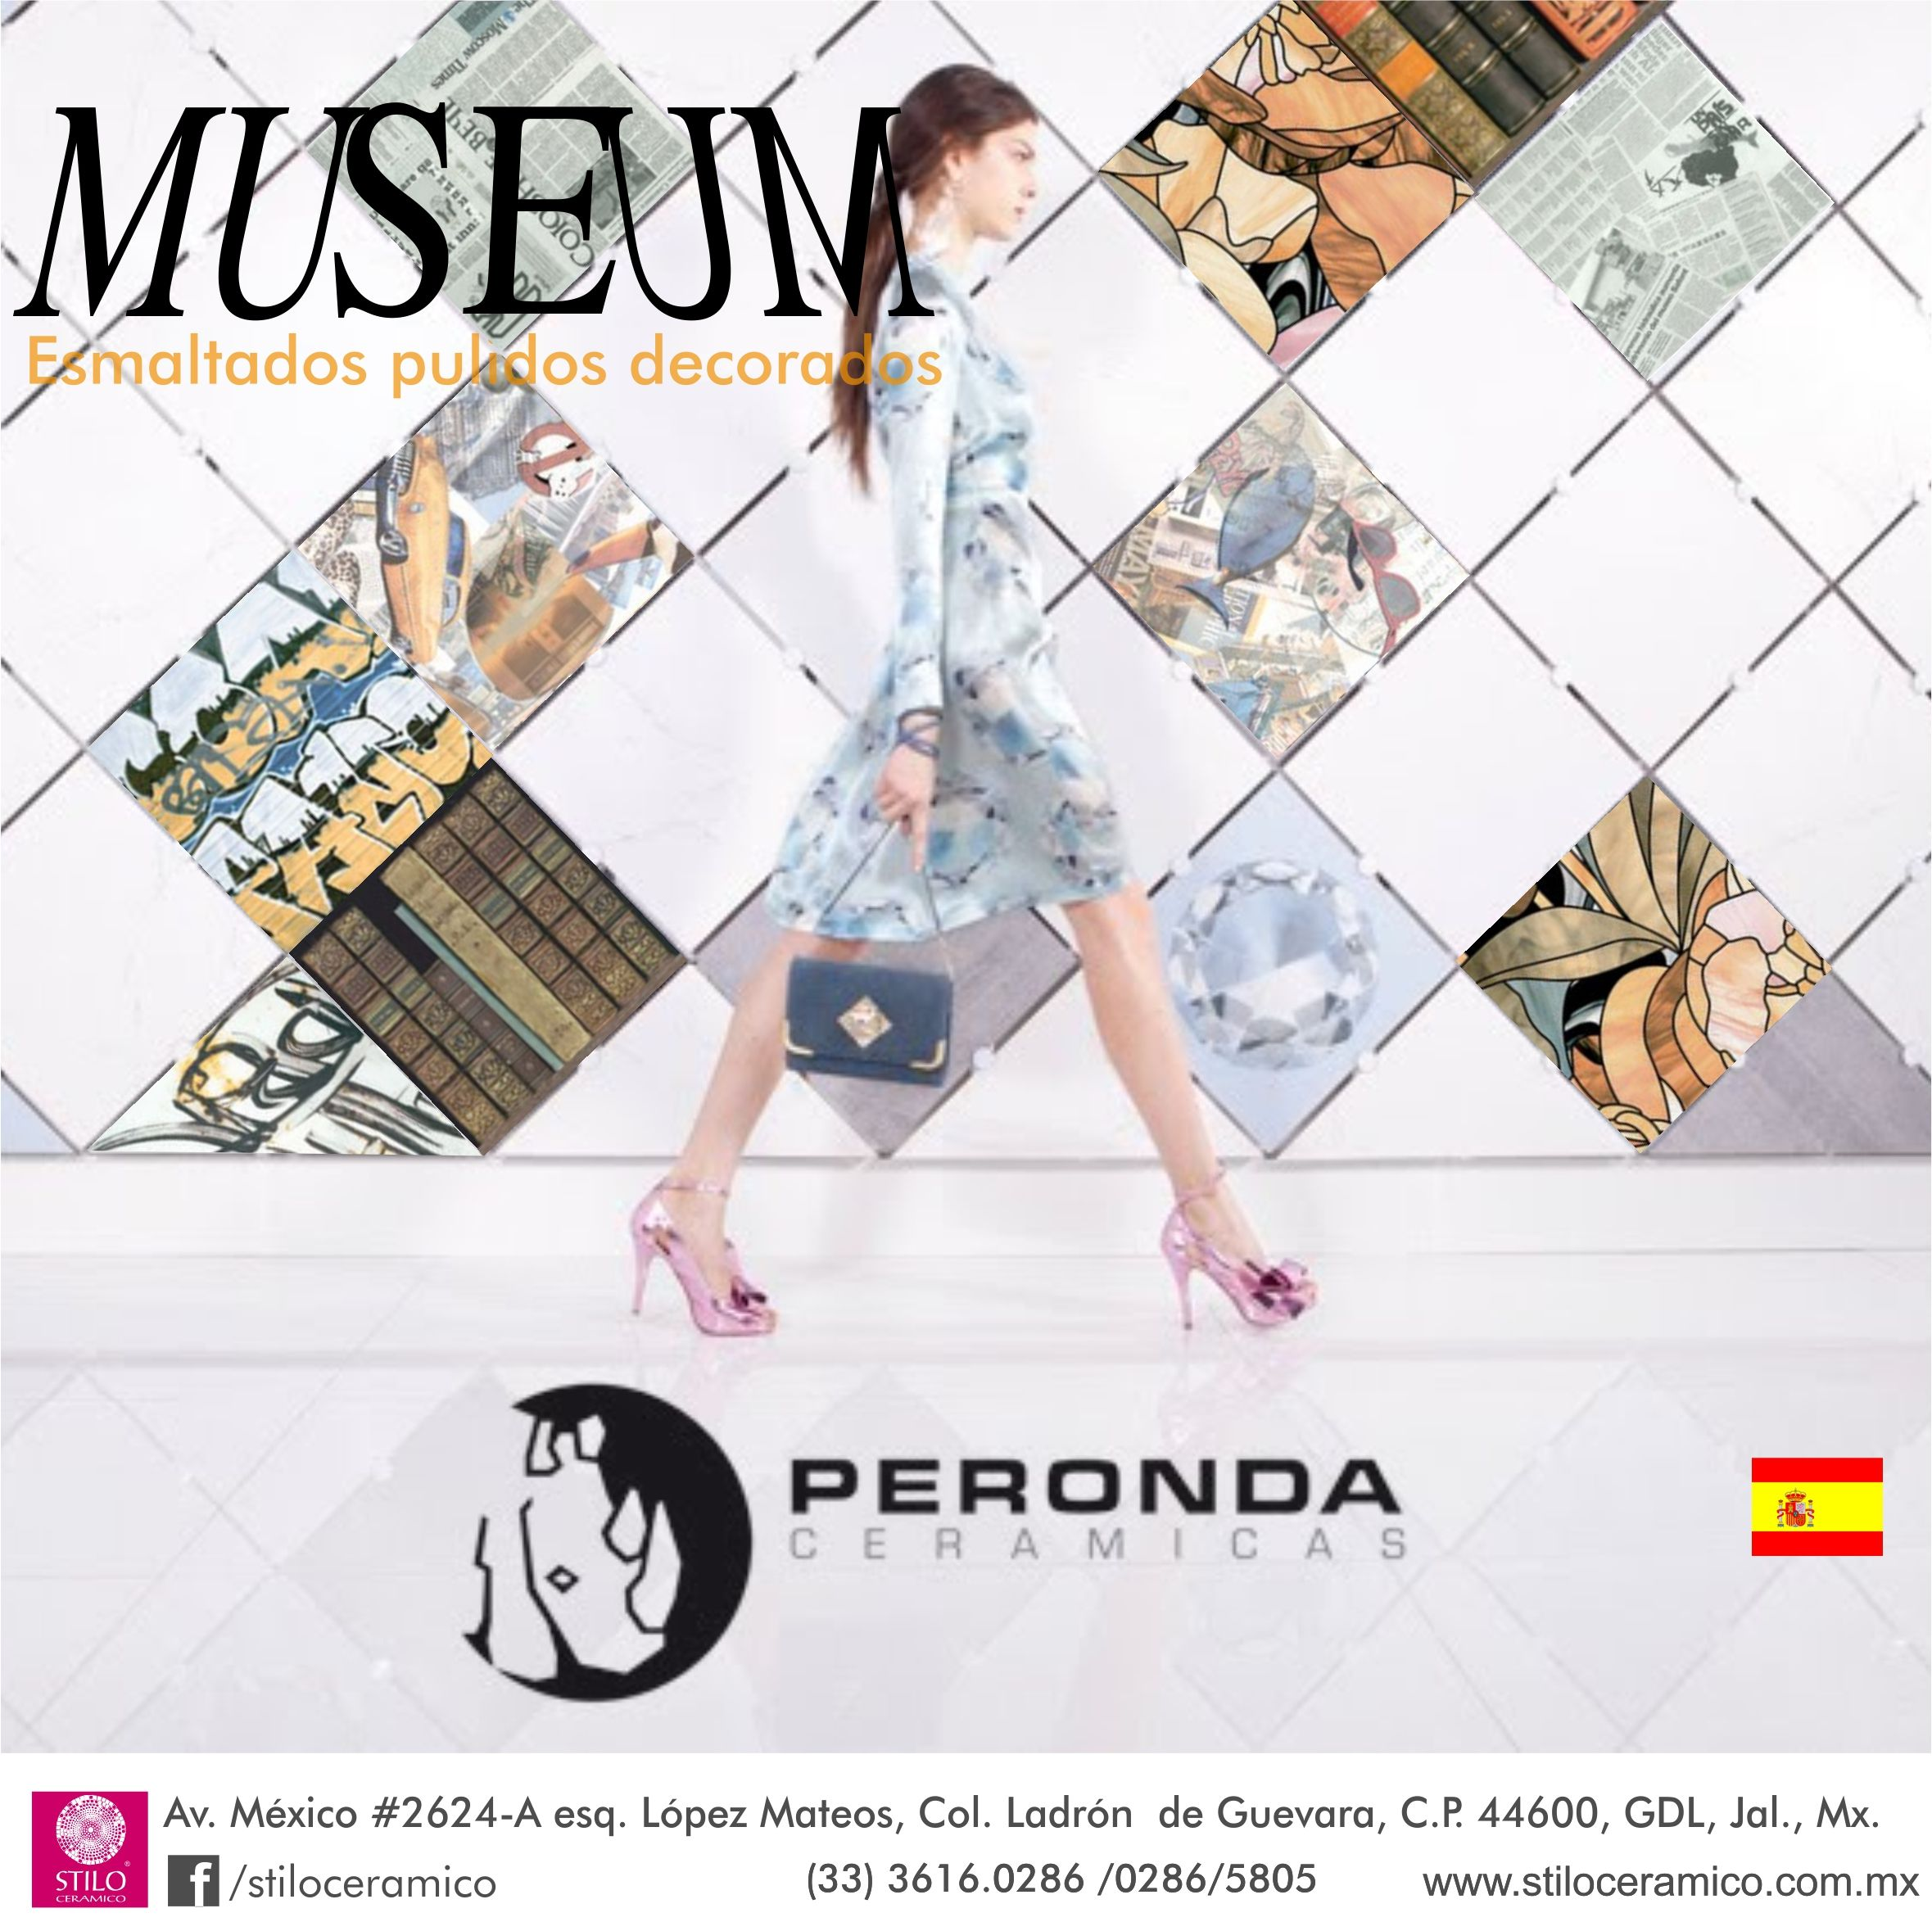 Museum de Peronda España, pisos y muros ceramicos esmaltados pulidos con diseños vitrificados. www.stiloceramico.com.mx